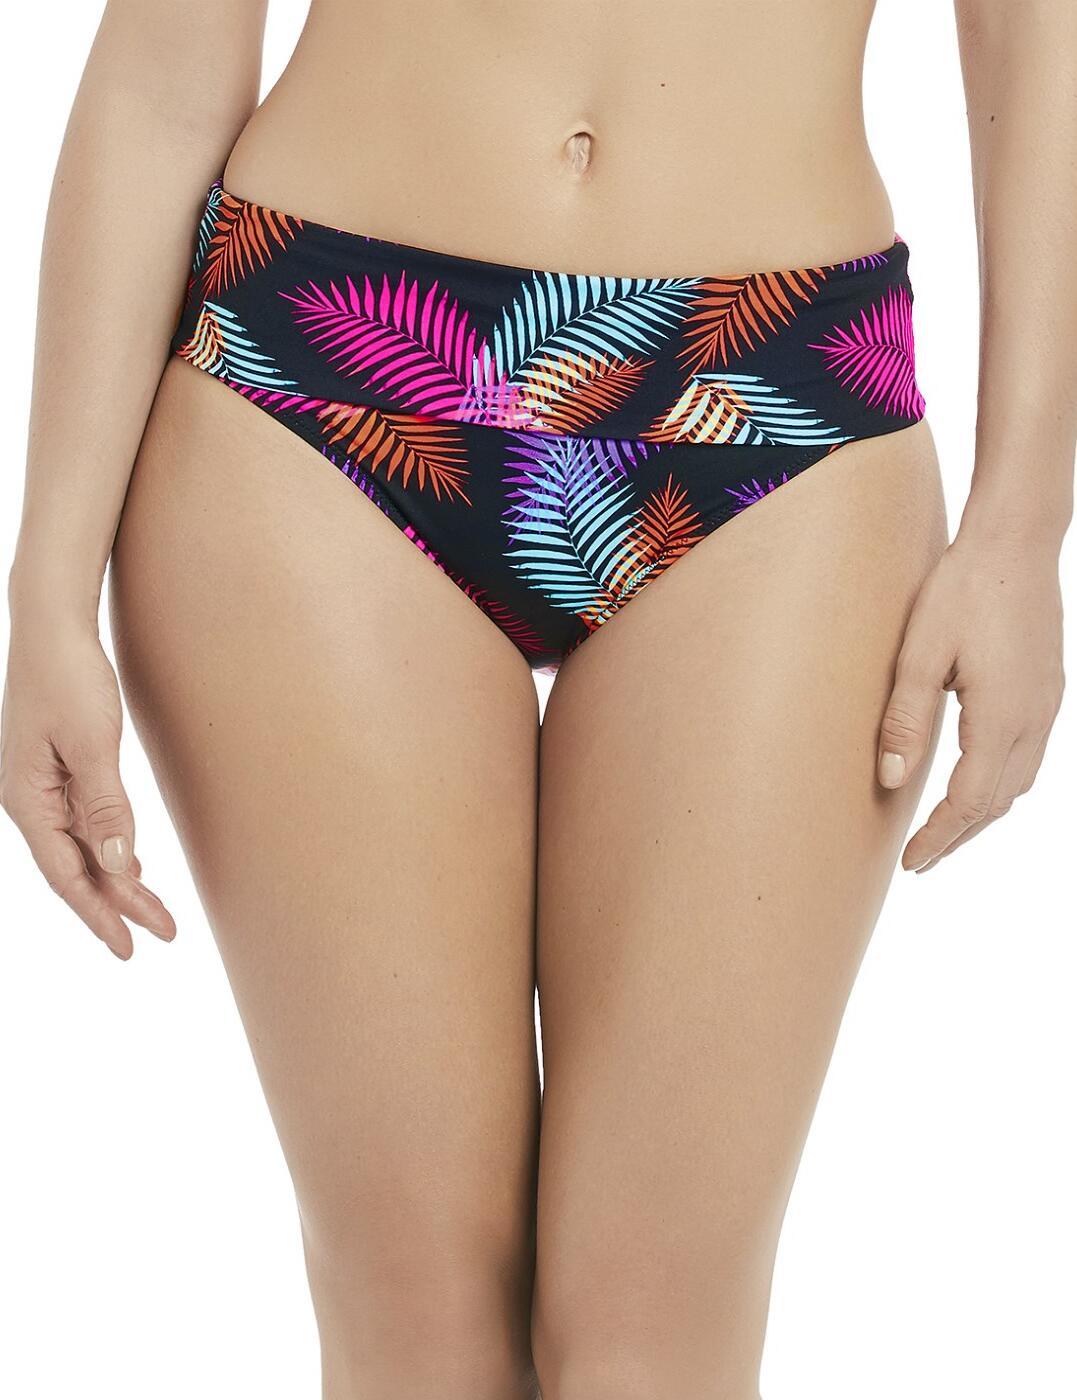 6416 Fantasie Talamanca Classic Fold Over Bikini Brief - 6416 Multi